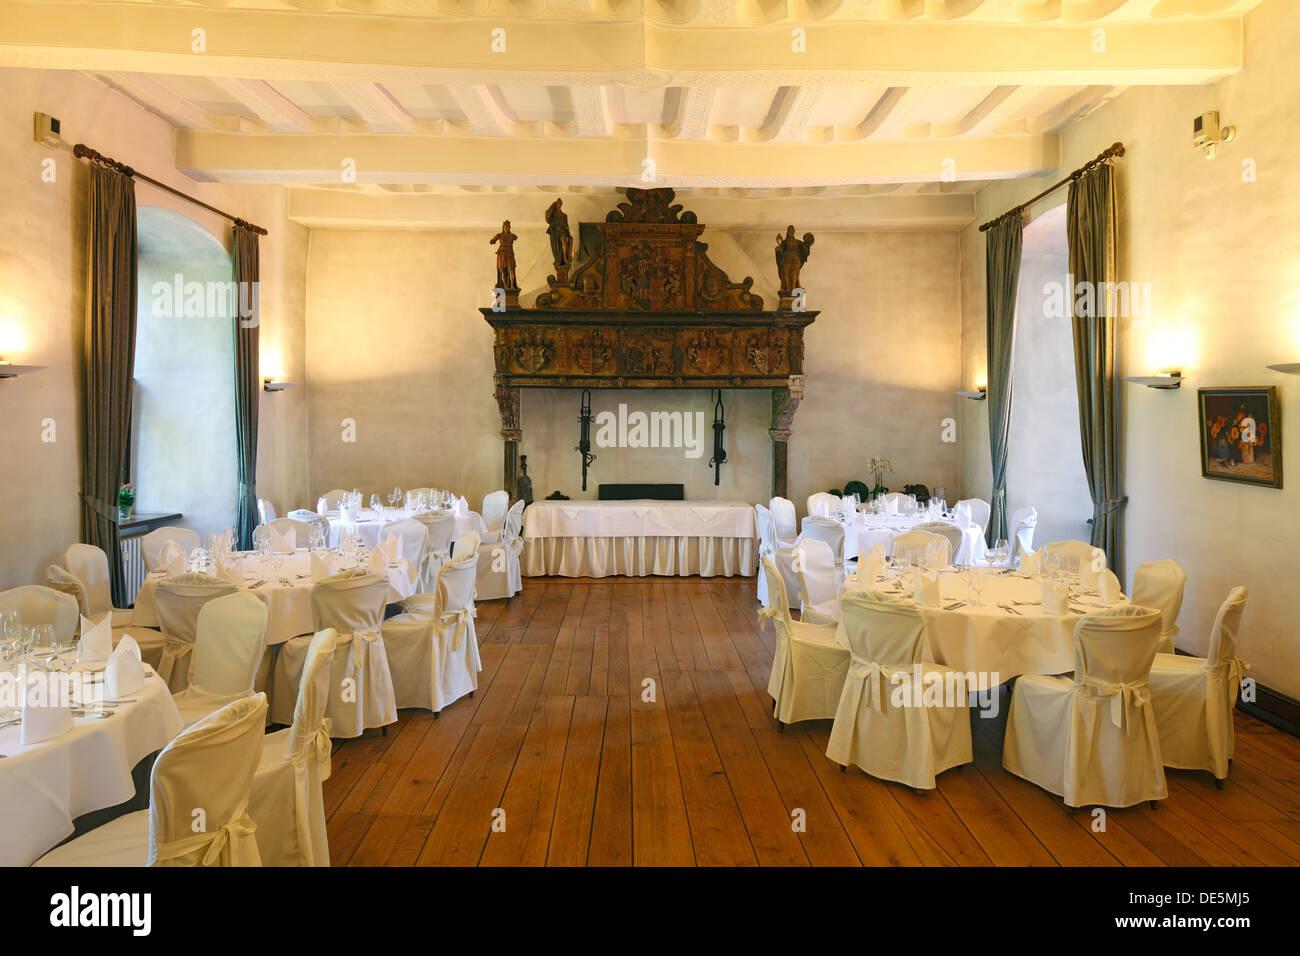 Rittersaal, festlich gedeckte Tische im Restaurant von Wasserschloss Haus Kemnade in Hattingen-Blankenstein, Ruhrgebiet, Stock Photo